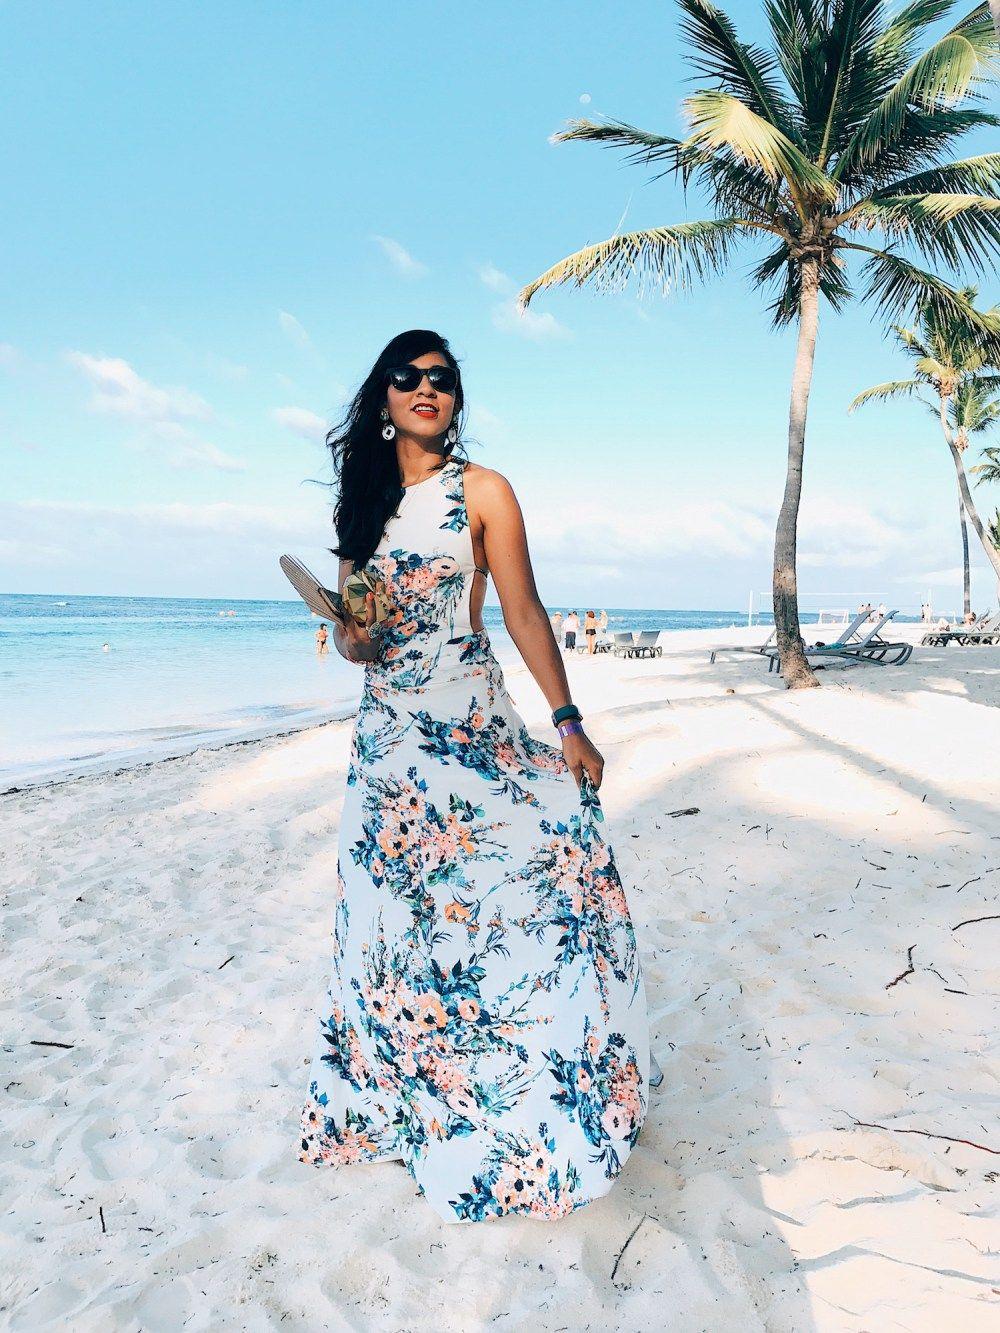 Boda En La Playa: 11 Vestidos Por Menos de US$50 | Bodas en la playa ...